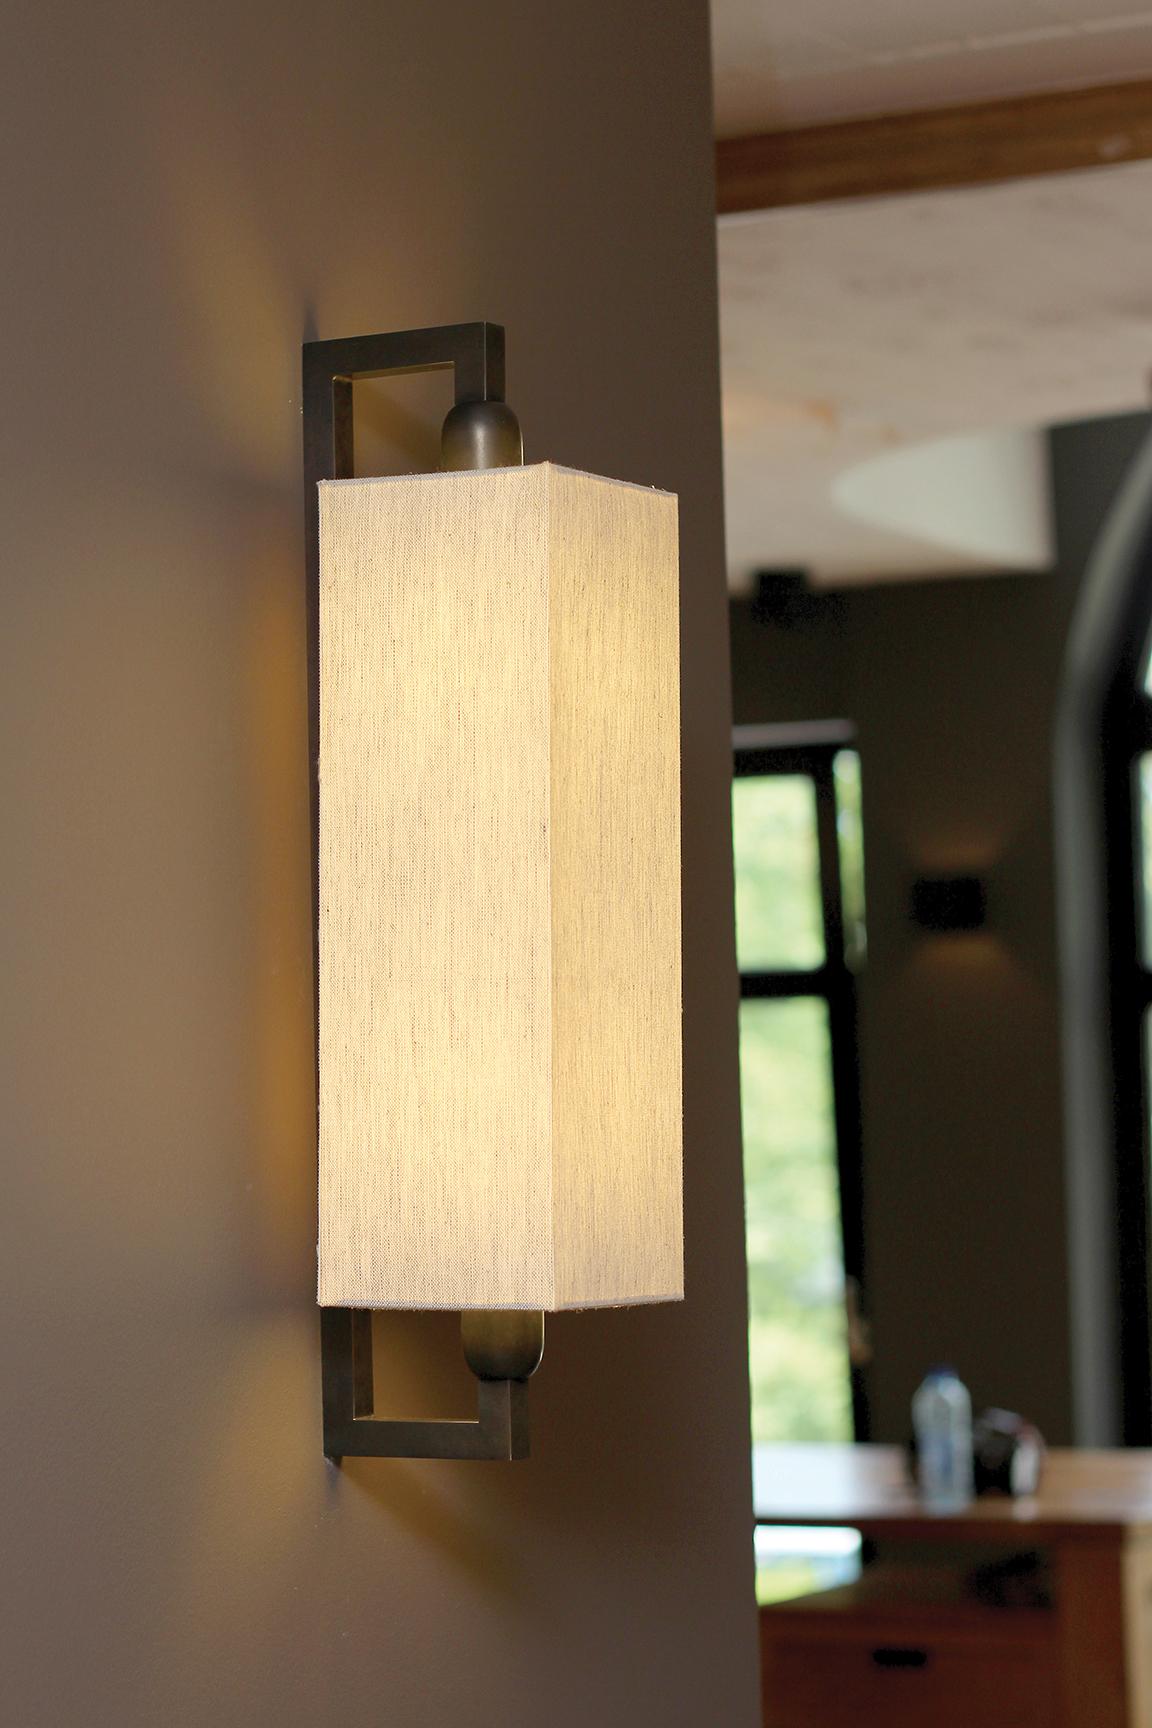 Landelijke wandlamp met lampenkap